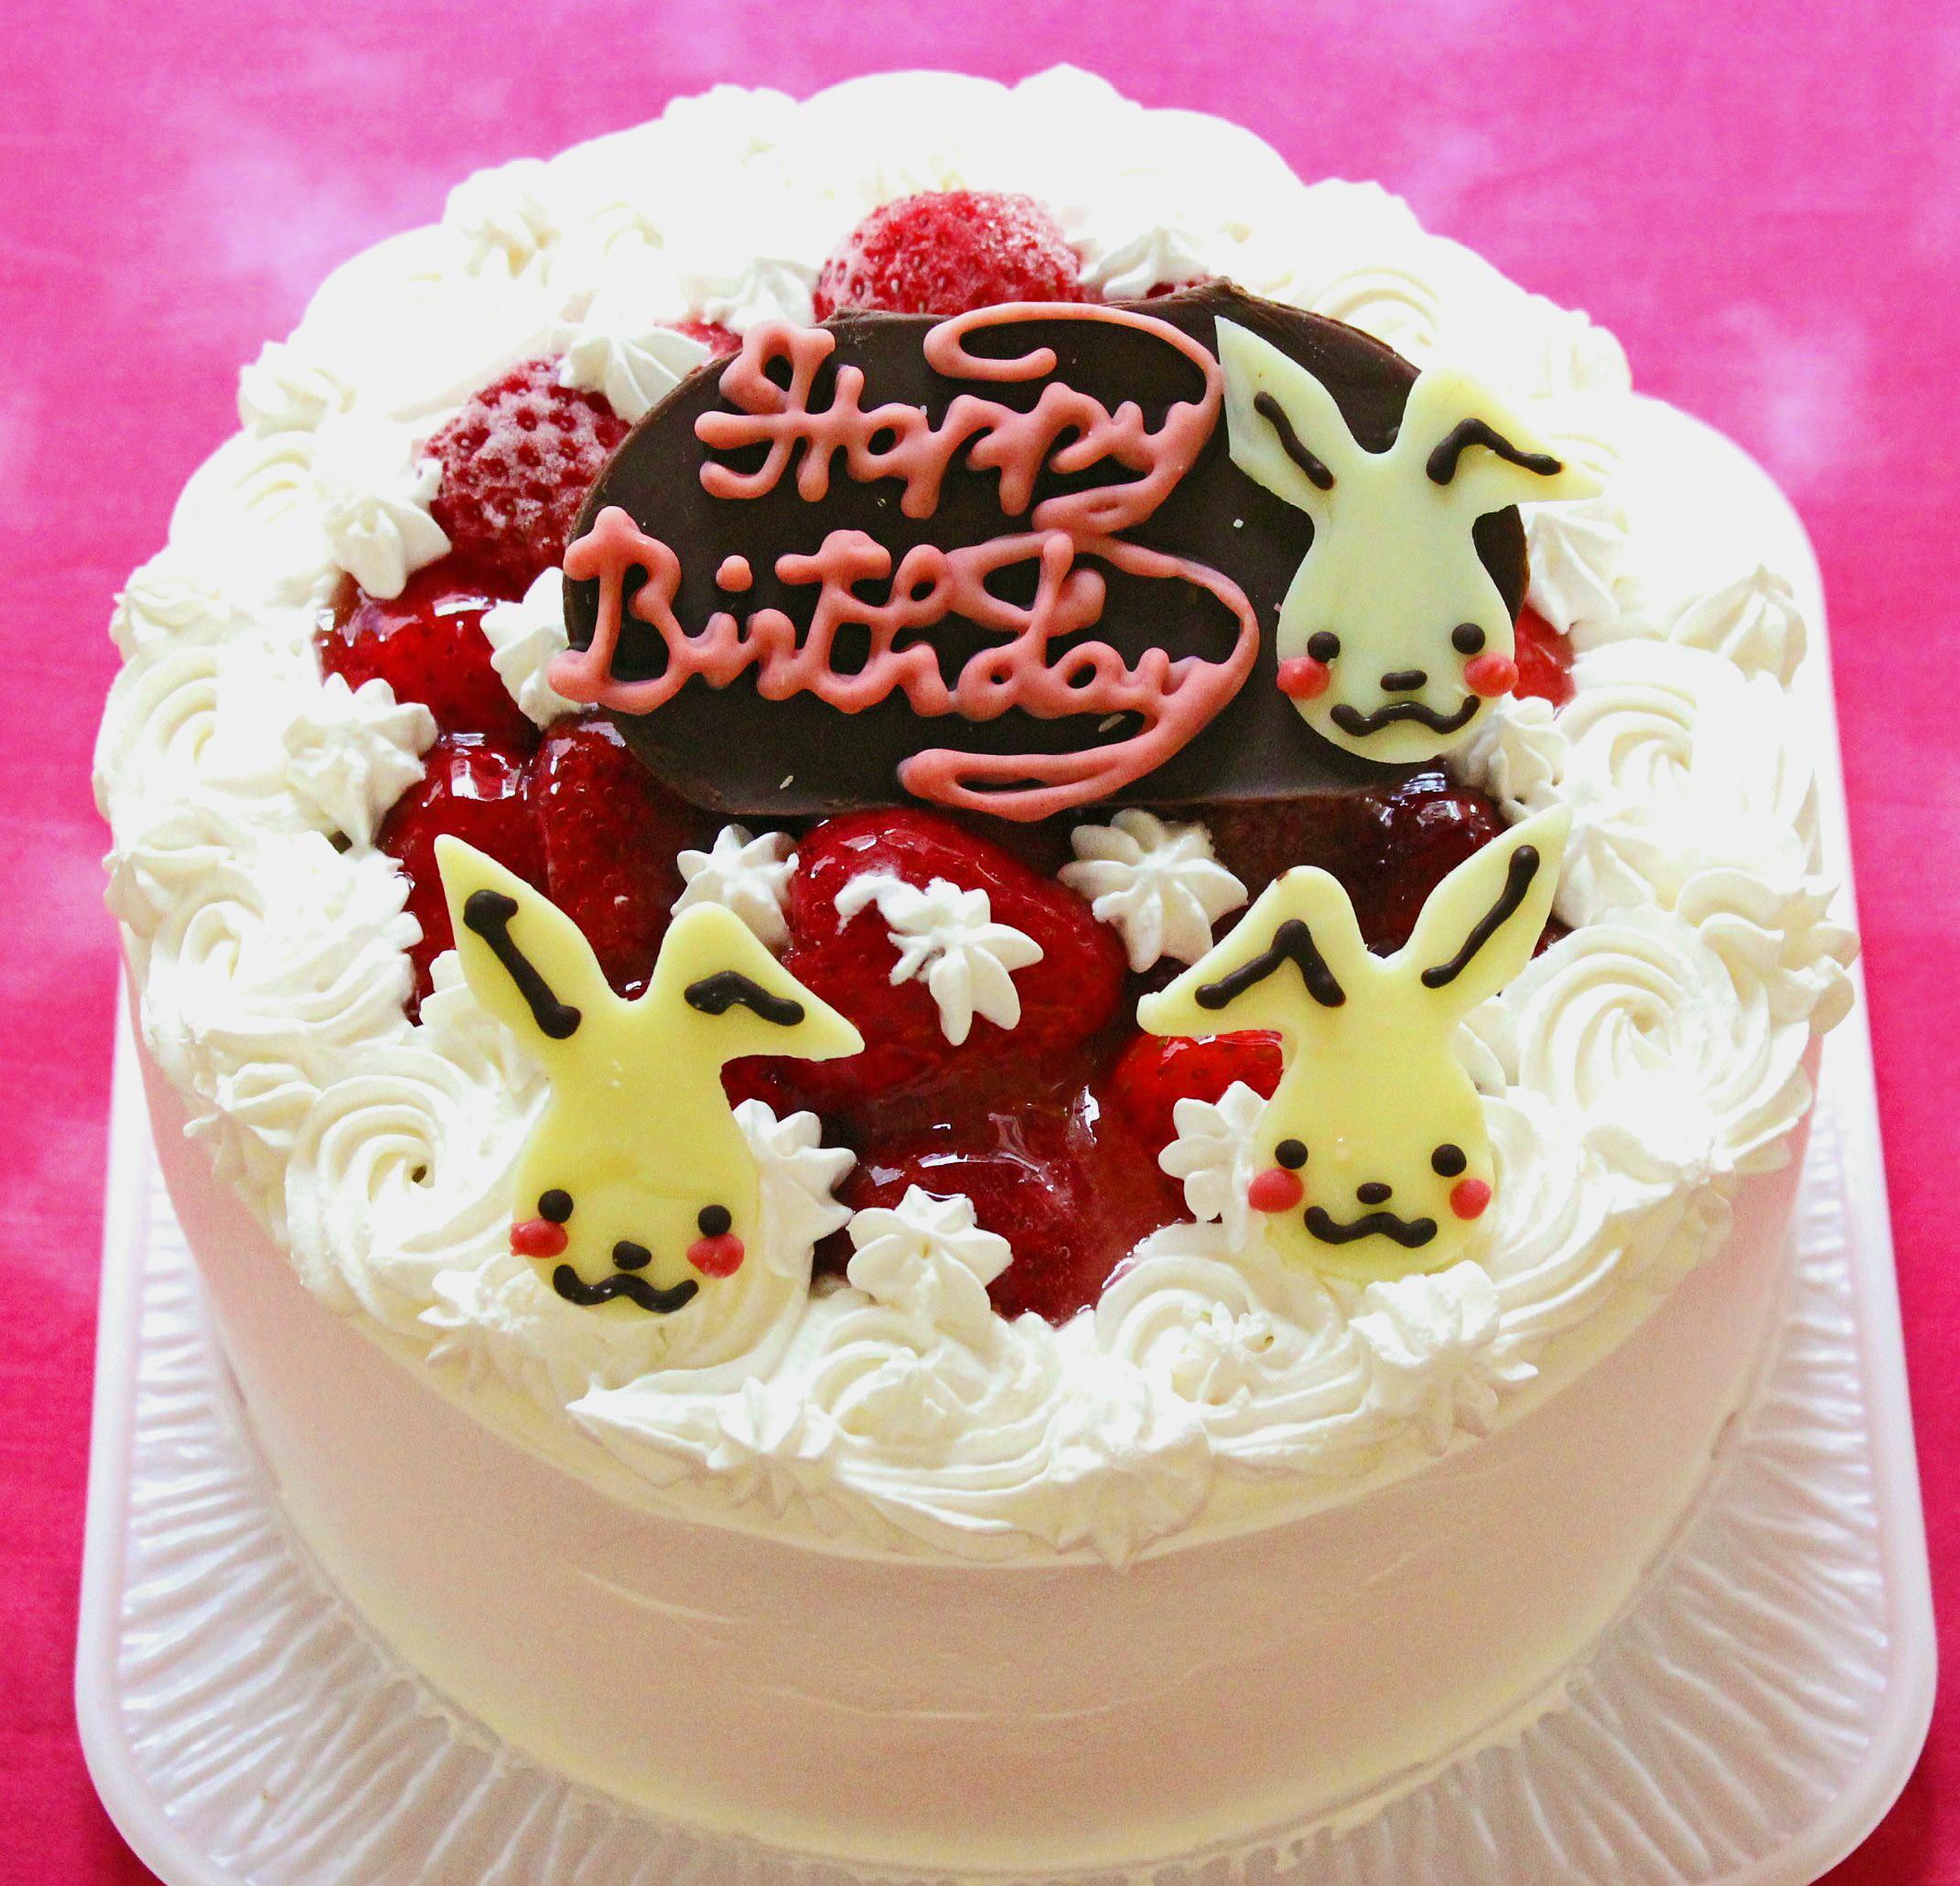 うさちゃんプレート苺のデコレーションケーキ 5号 15cm